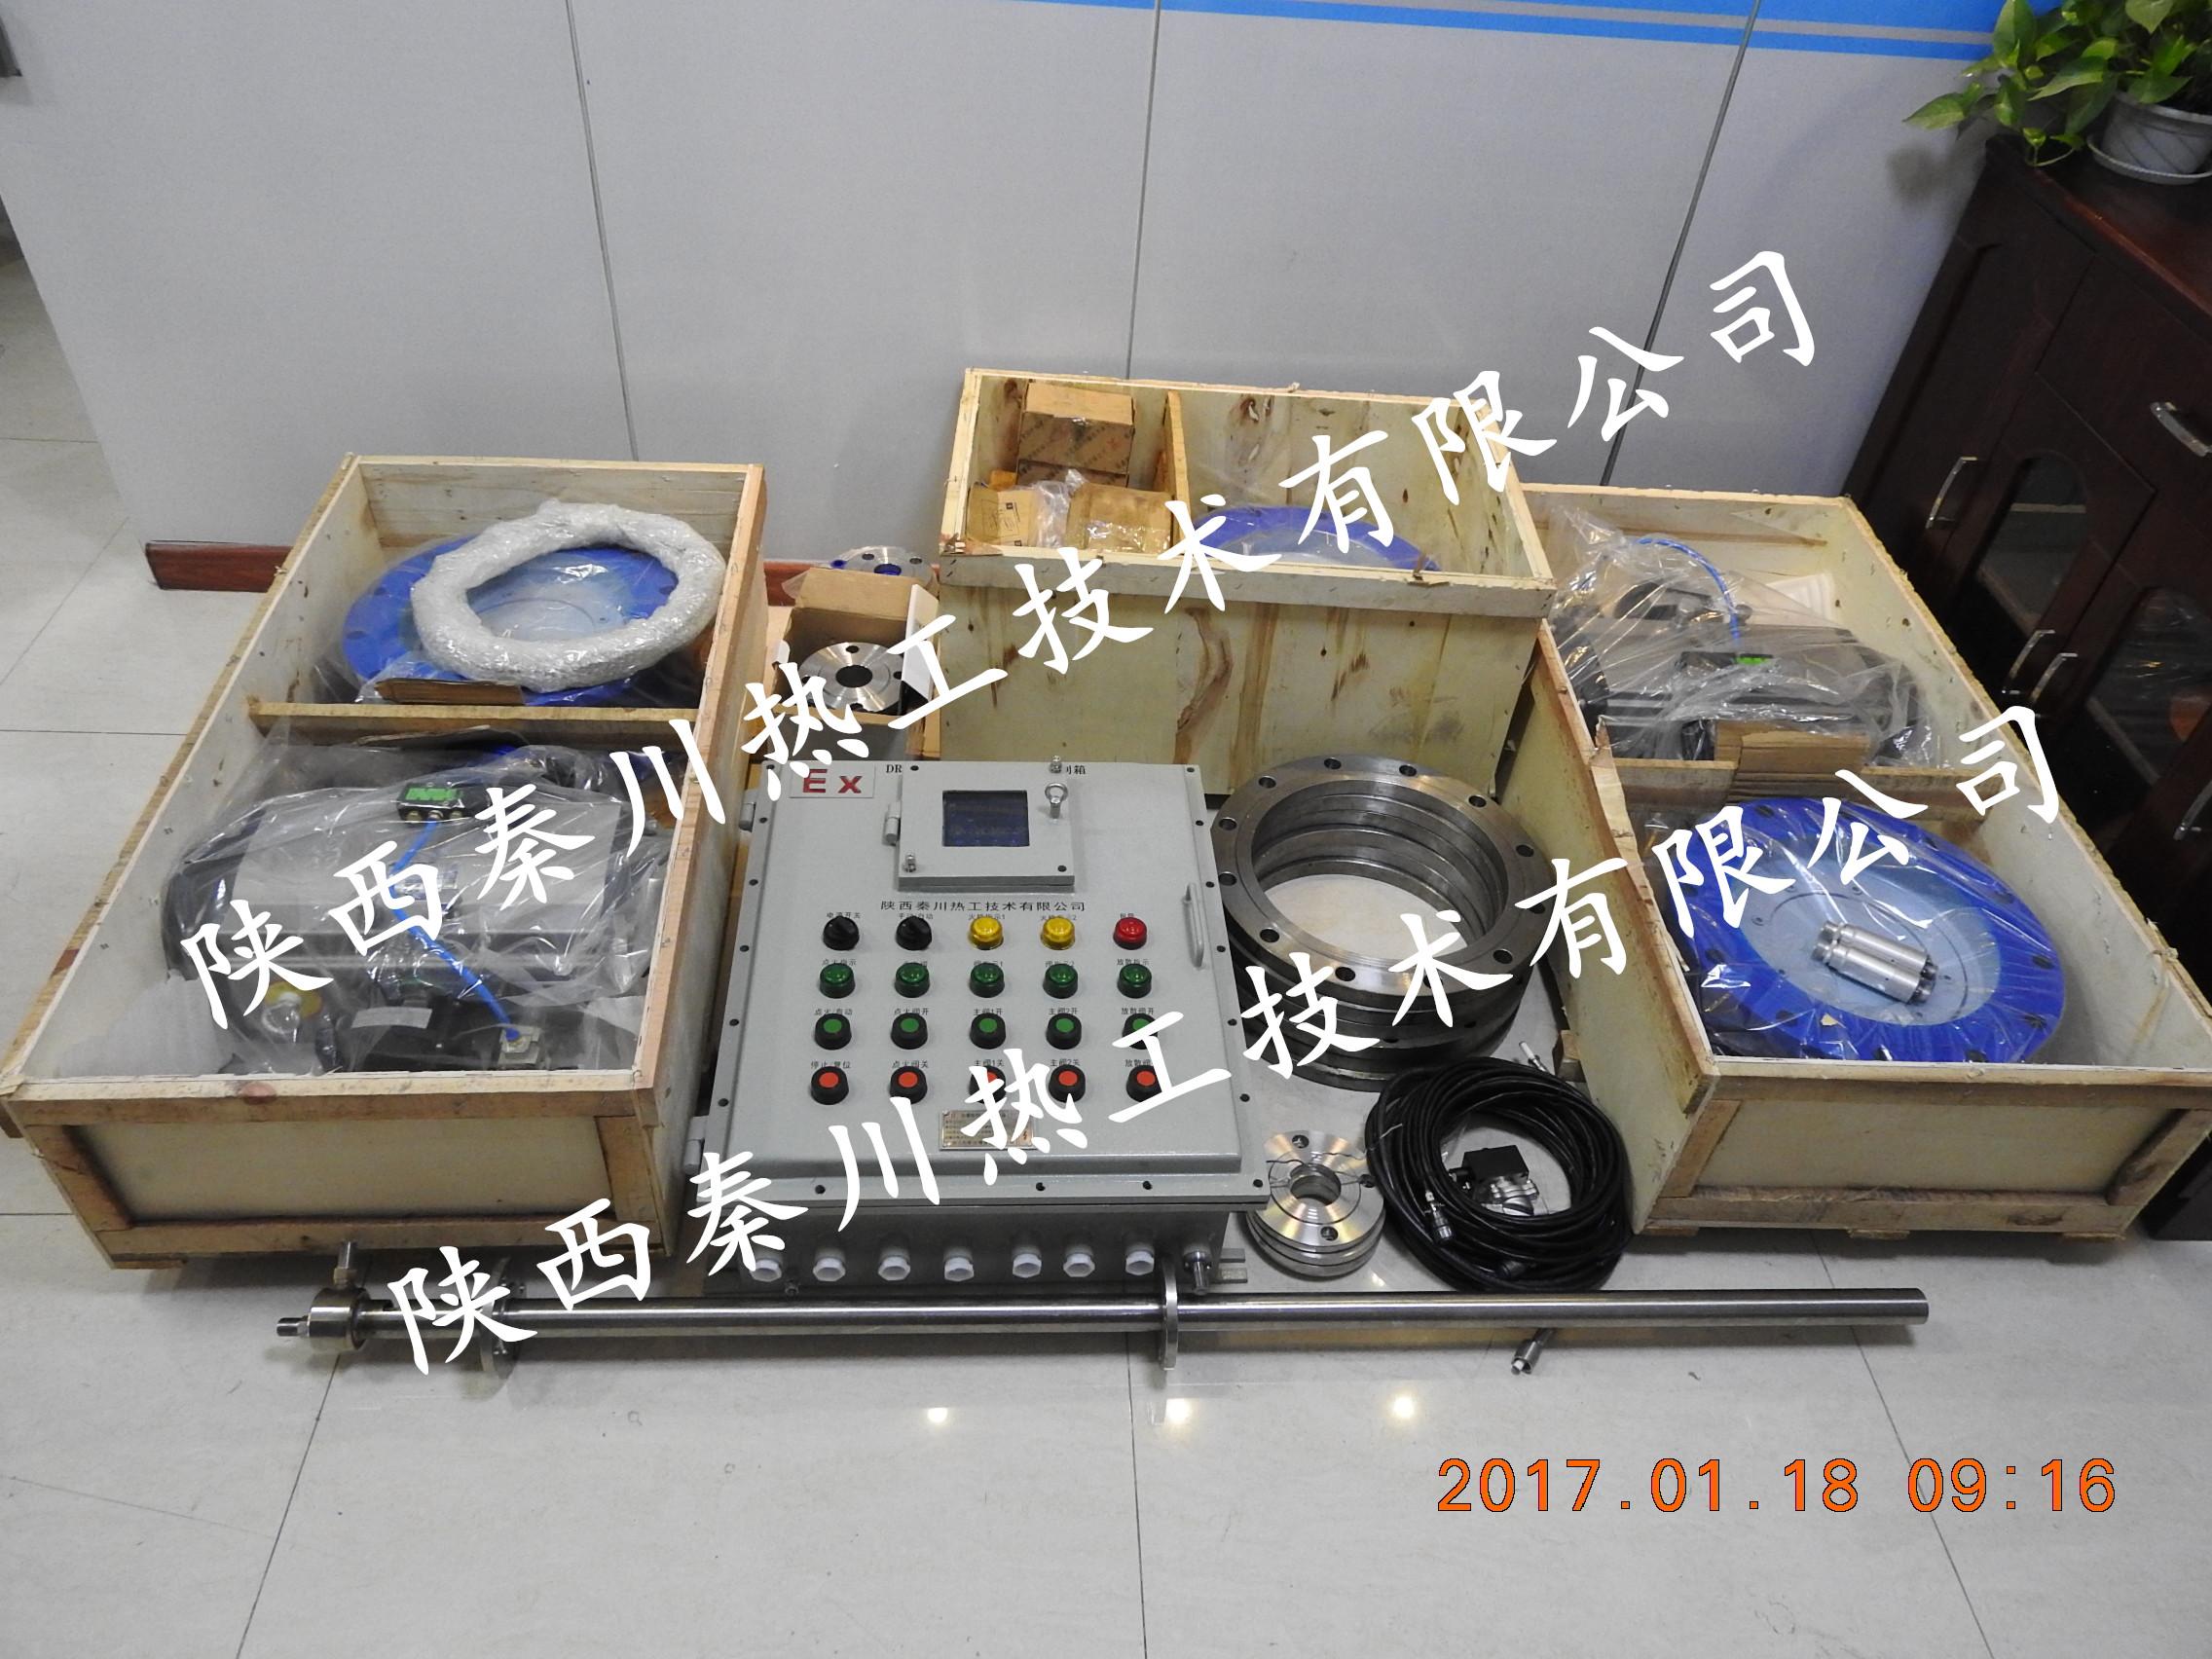 发生炉煤气窑炉燃烧控制系统1_副本.jpg